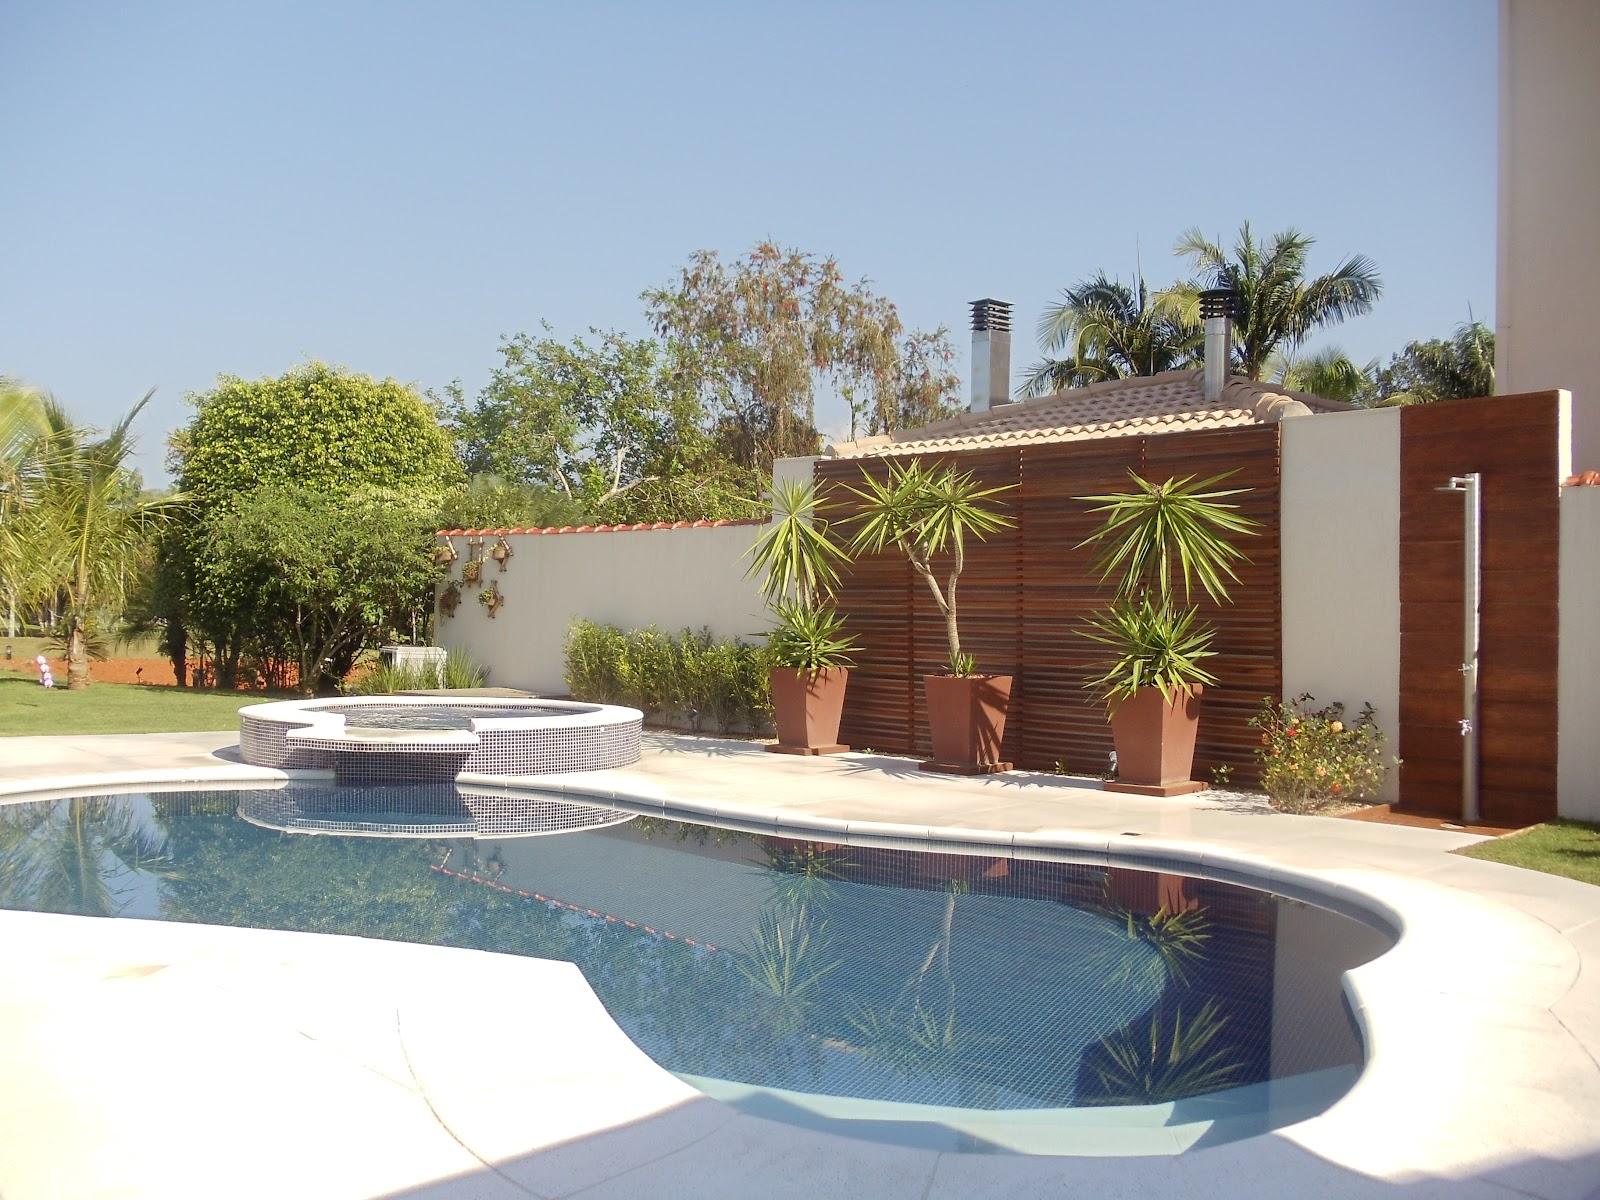 Studio casa mix casa de praia for Pintado de piscinas